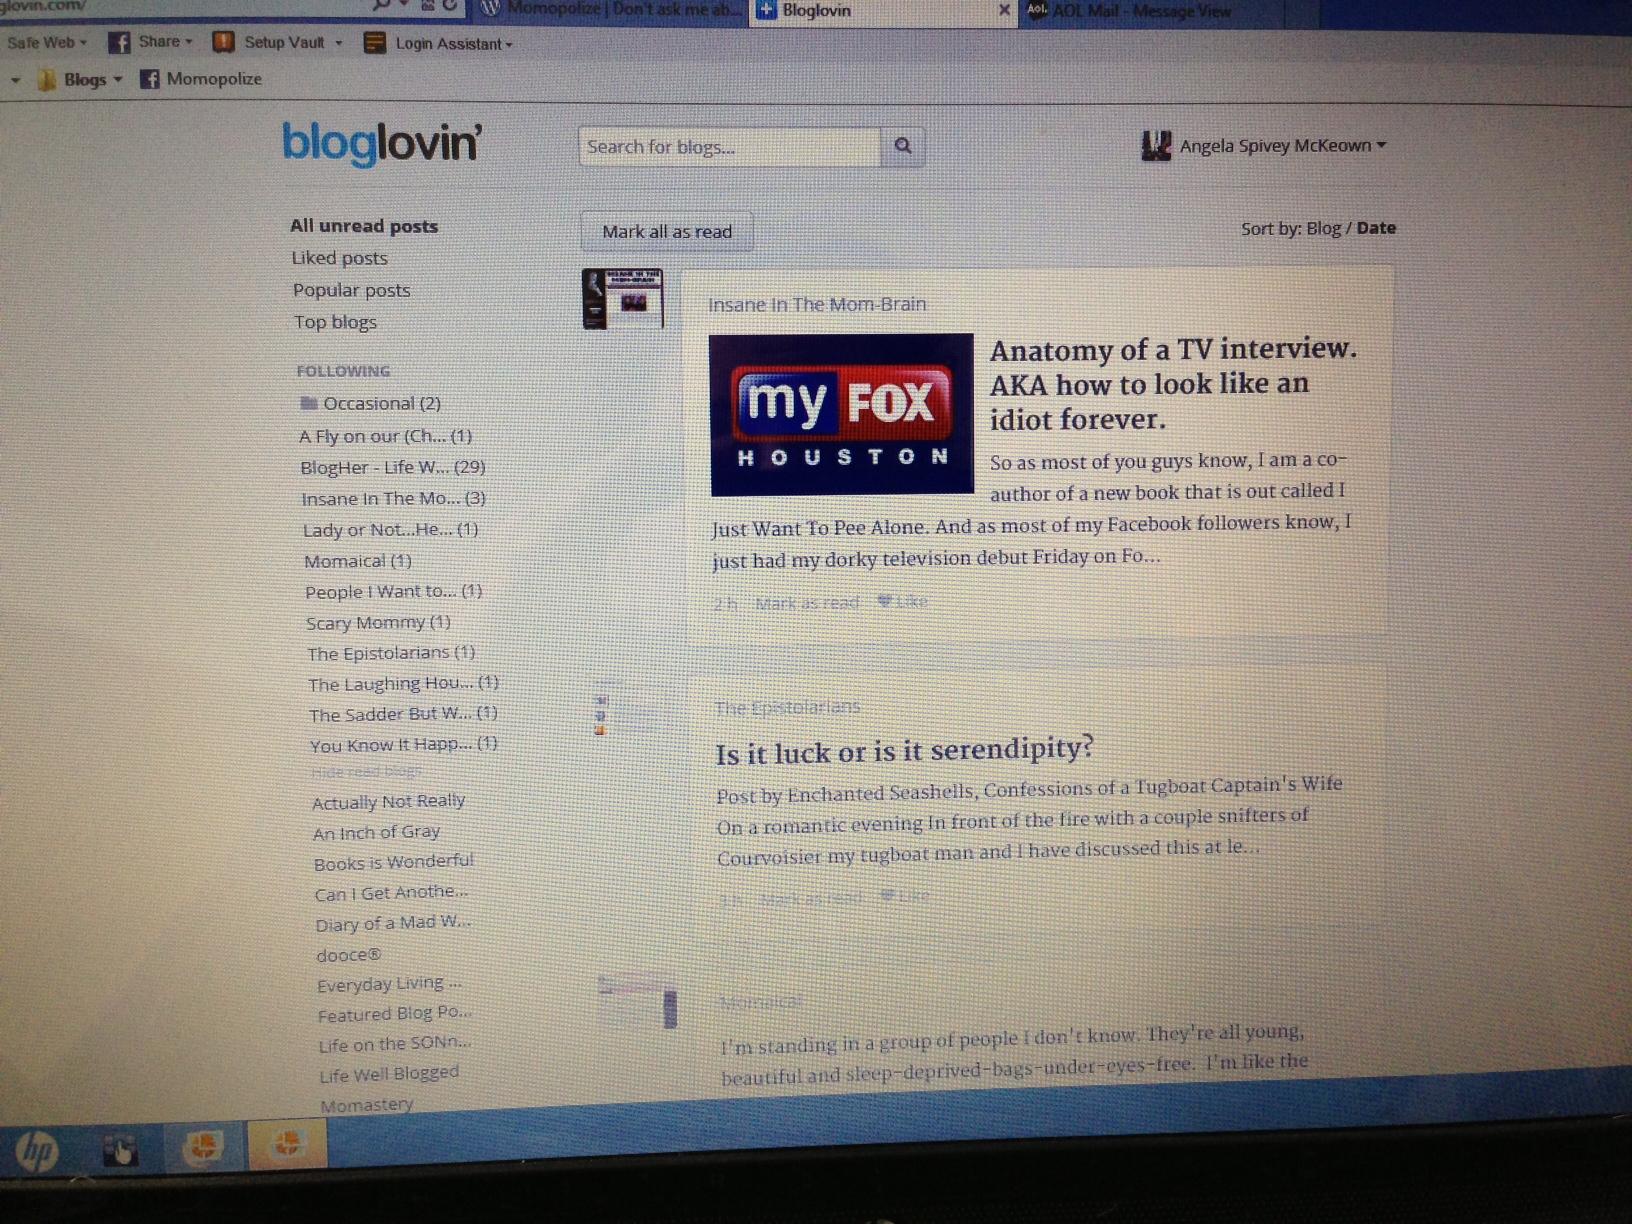 bloglovin screen shot